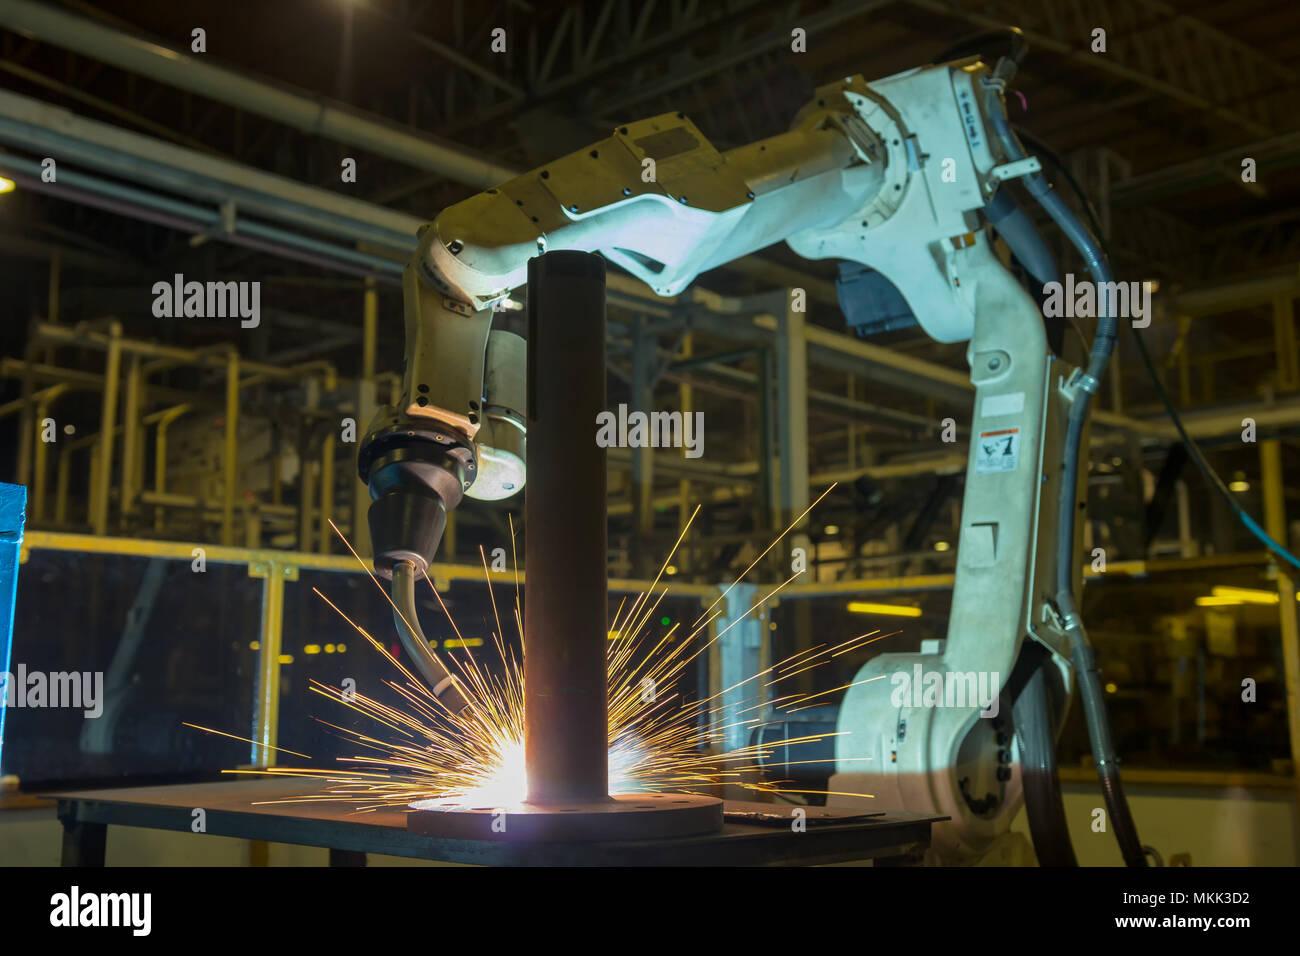 Industrieroboter ist Schweißen Montage automotive Teil in Car Factory. Stockbild